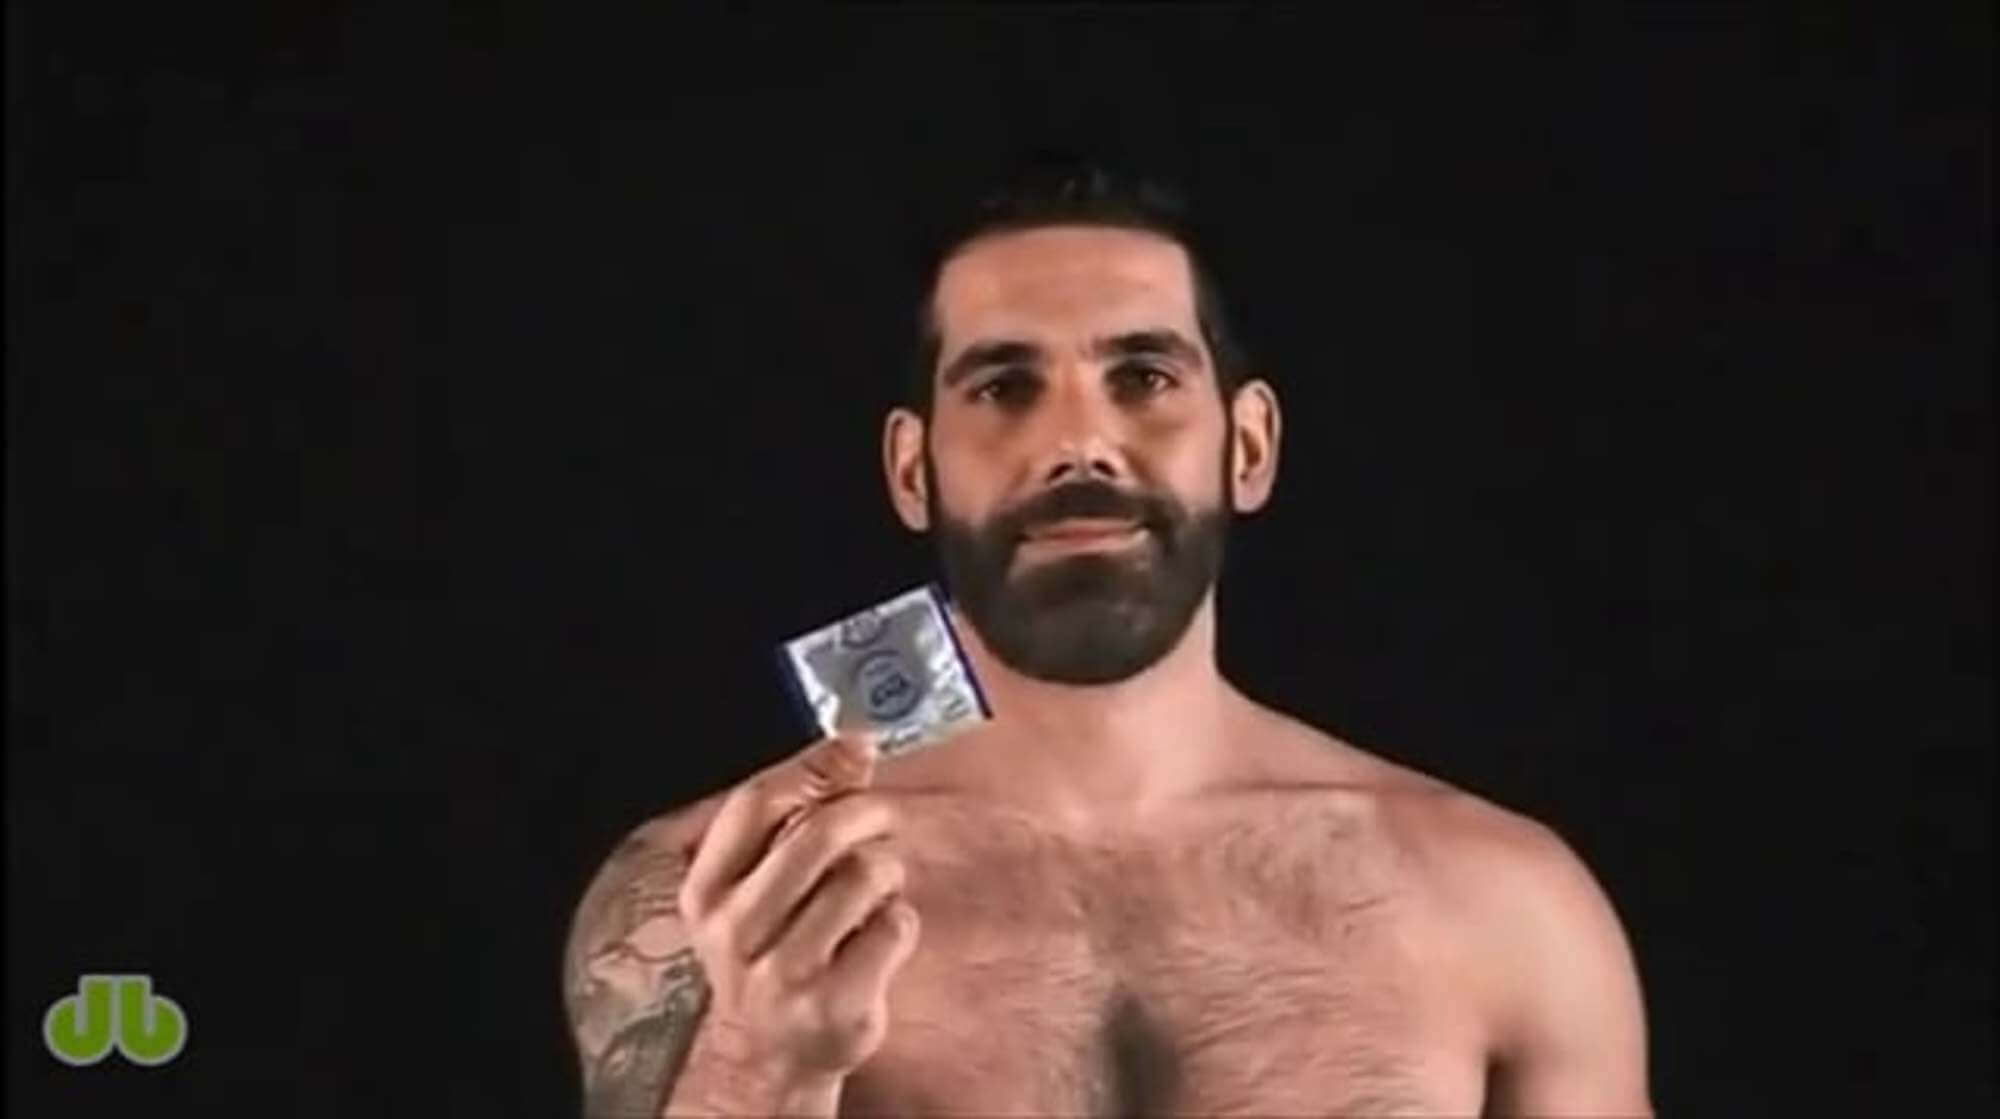 tony_duque_si_mette_preservativo_bear_ispanico_nudo